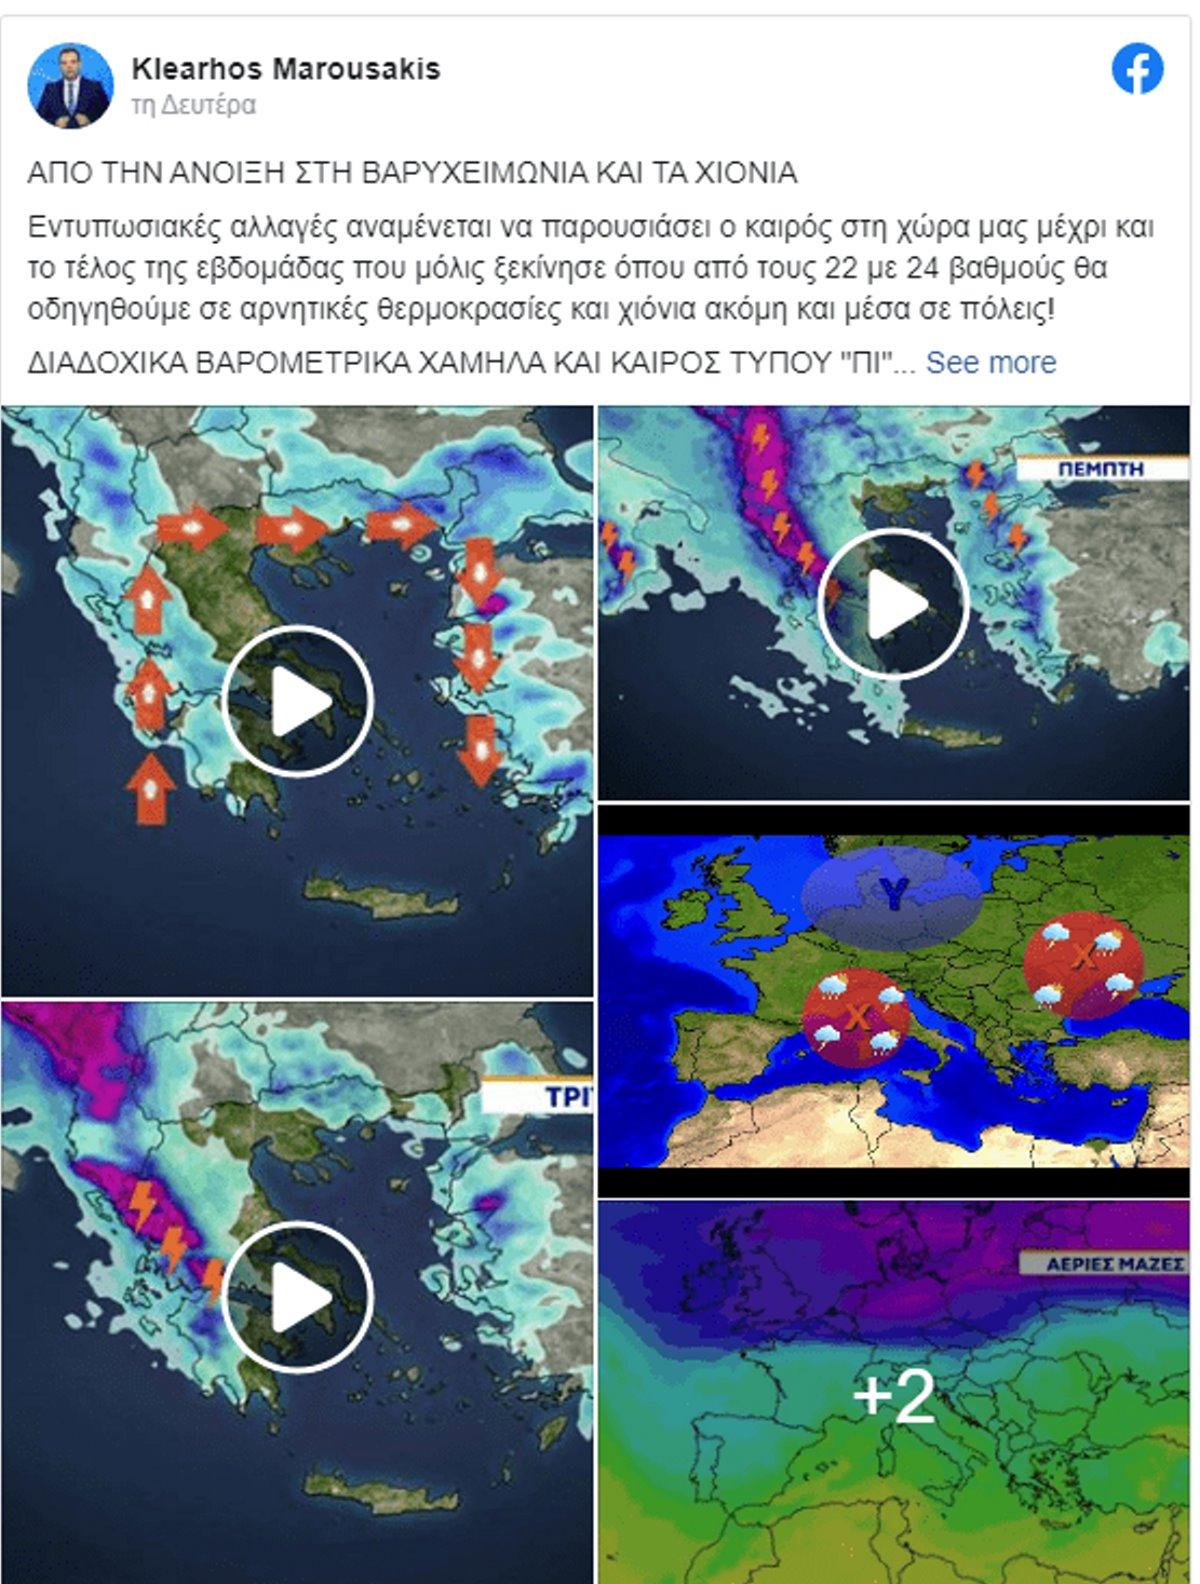 Καιρός 10/2: Βροχές & τοπικές καταιγίδες σήμερα - Προ των πυλών ο χιονιάς! Τι λένε οι μετεωρολόγοι...